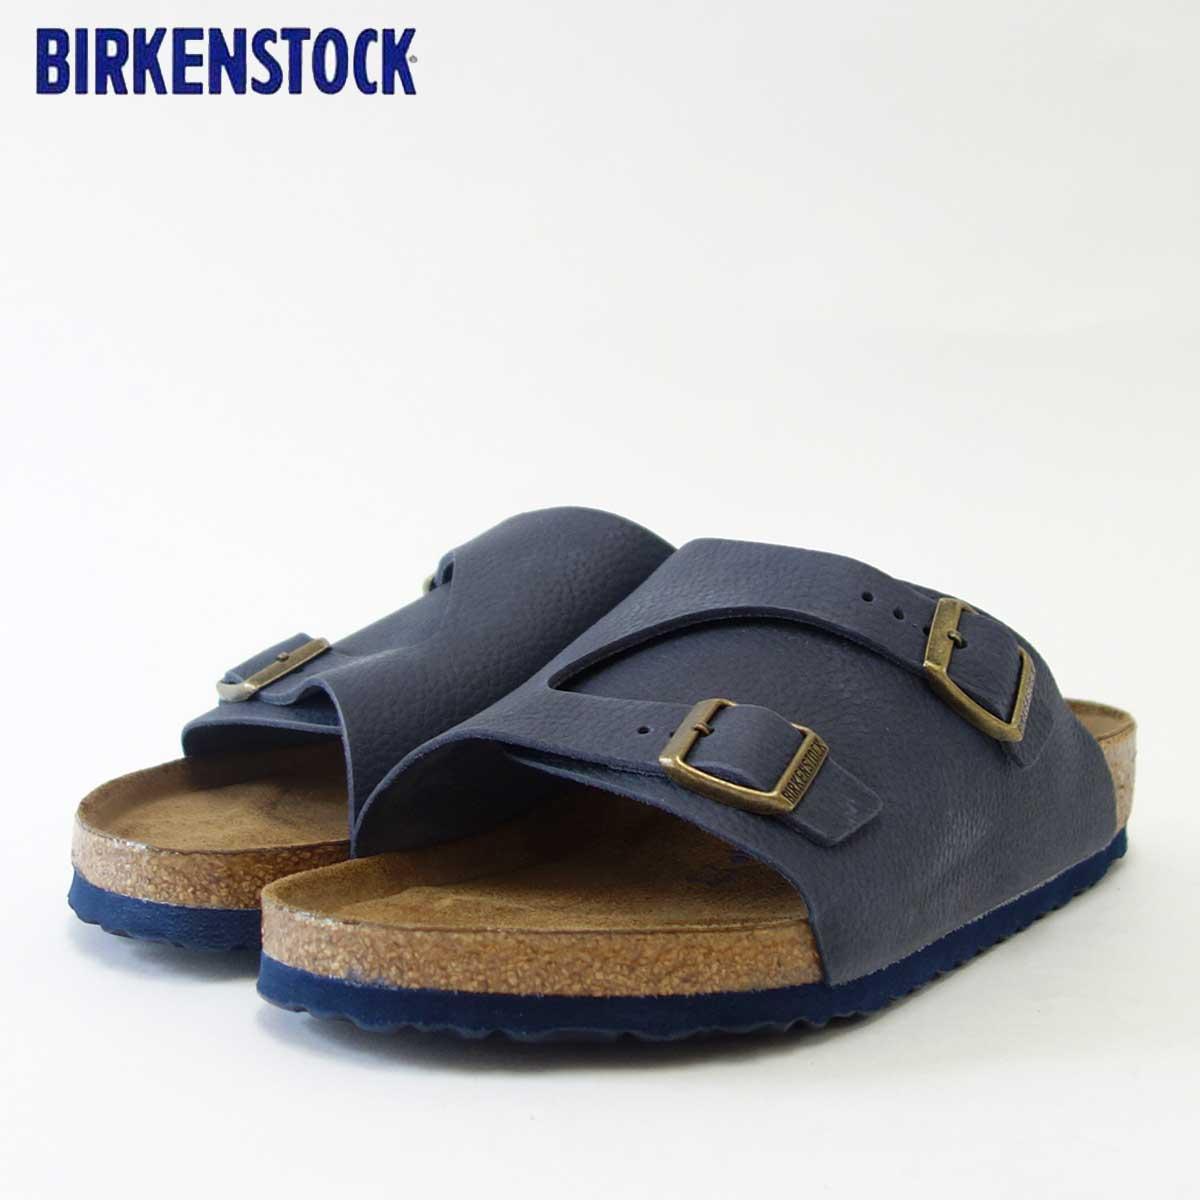 BIRKENSTOCK ビルケンシュトック ZURICH SFB(チューリッヒ) GC 1008908 天然皮革/インディゴ(レディース)「正規輸入品」ドイツ生まれの快適サンダル 「靴」